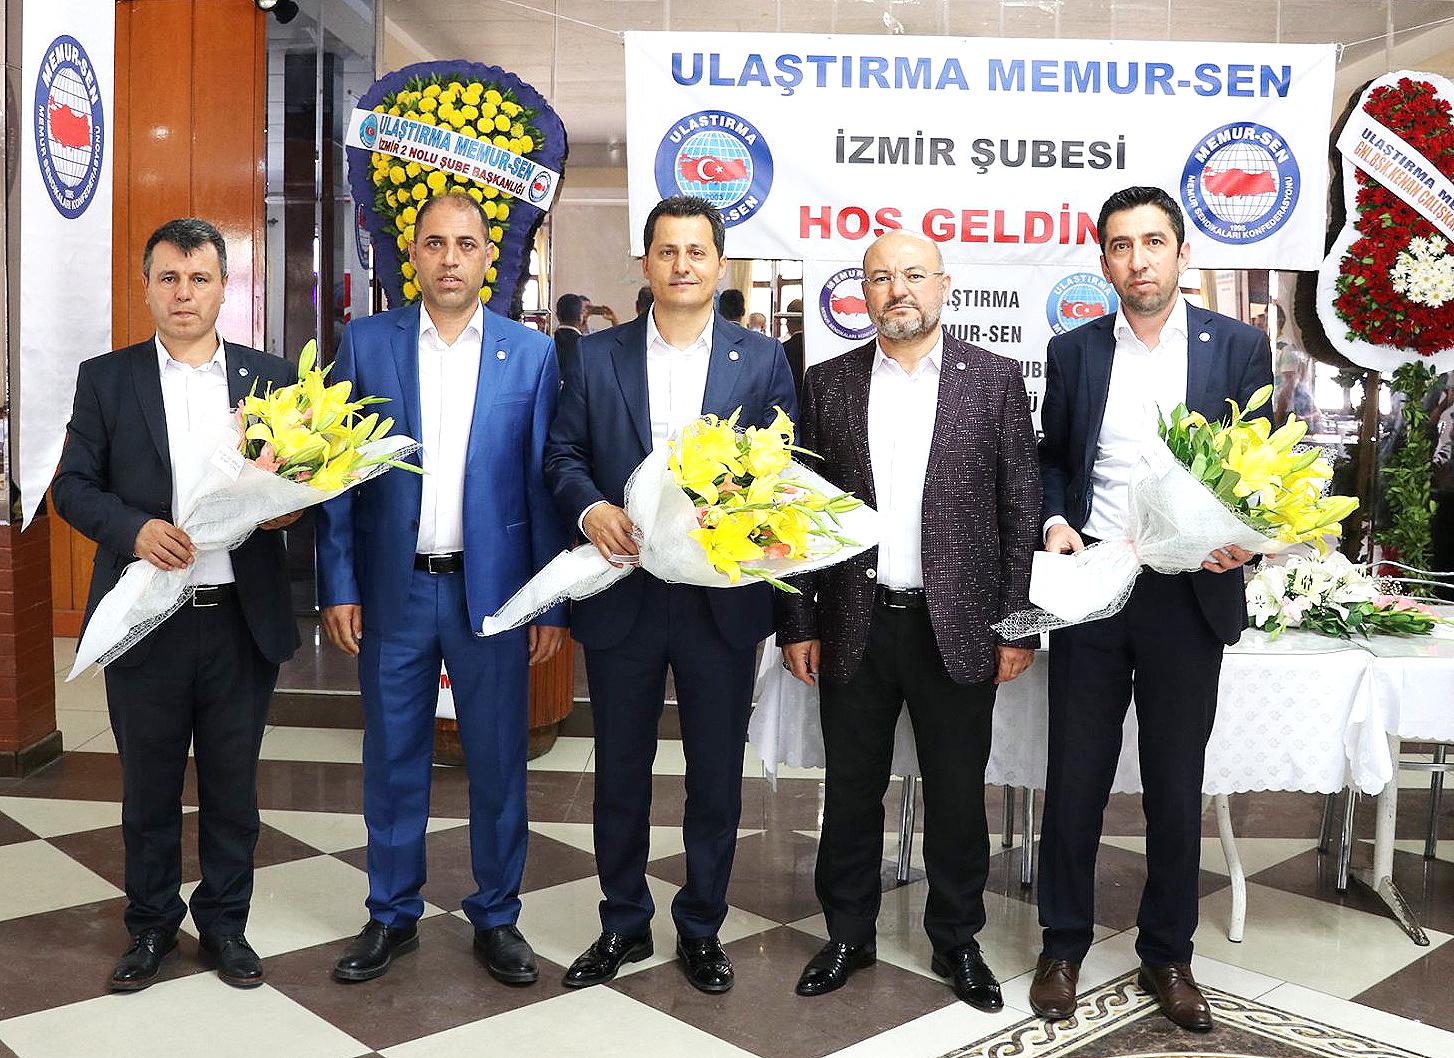 İzmir 1 No'lu Şube'de görev değişimi